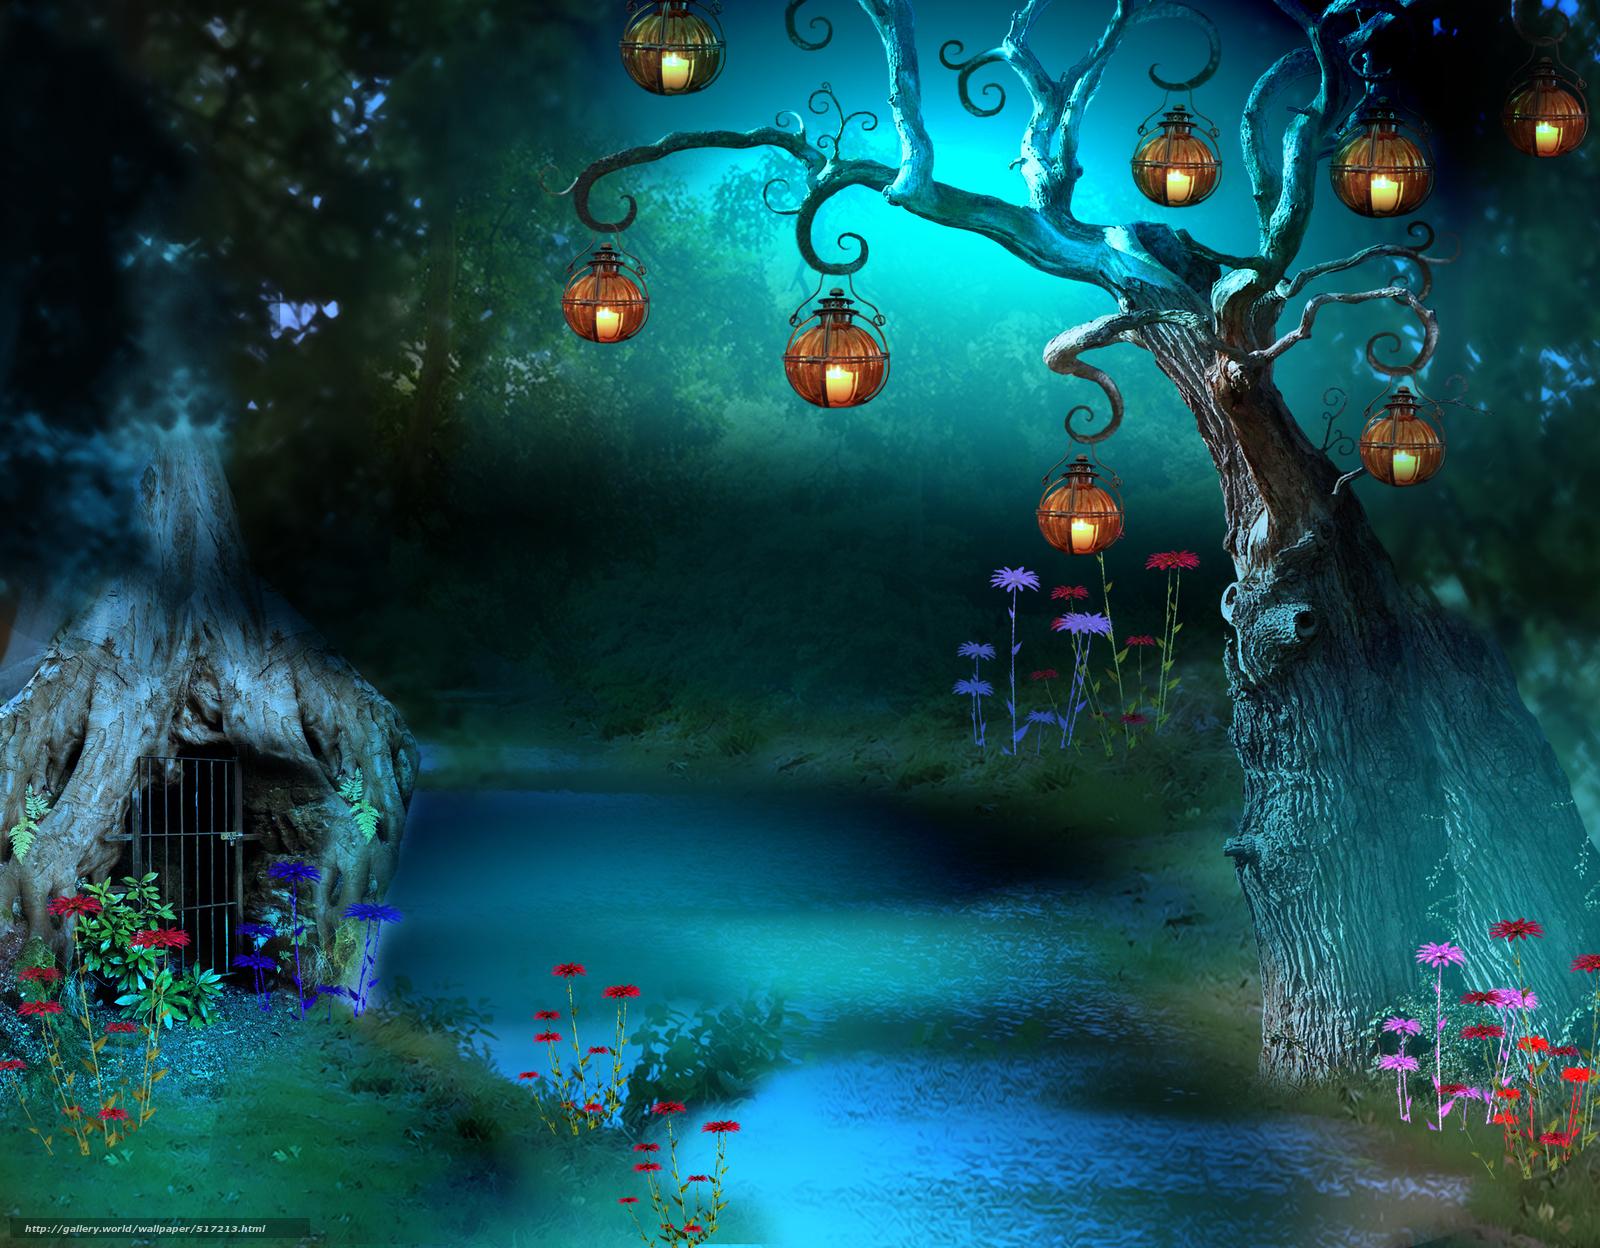 Scaricare gli sfondi fiume albero torcia 3d sfondi for Sfondi per desktop 3d